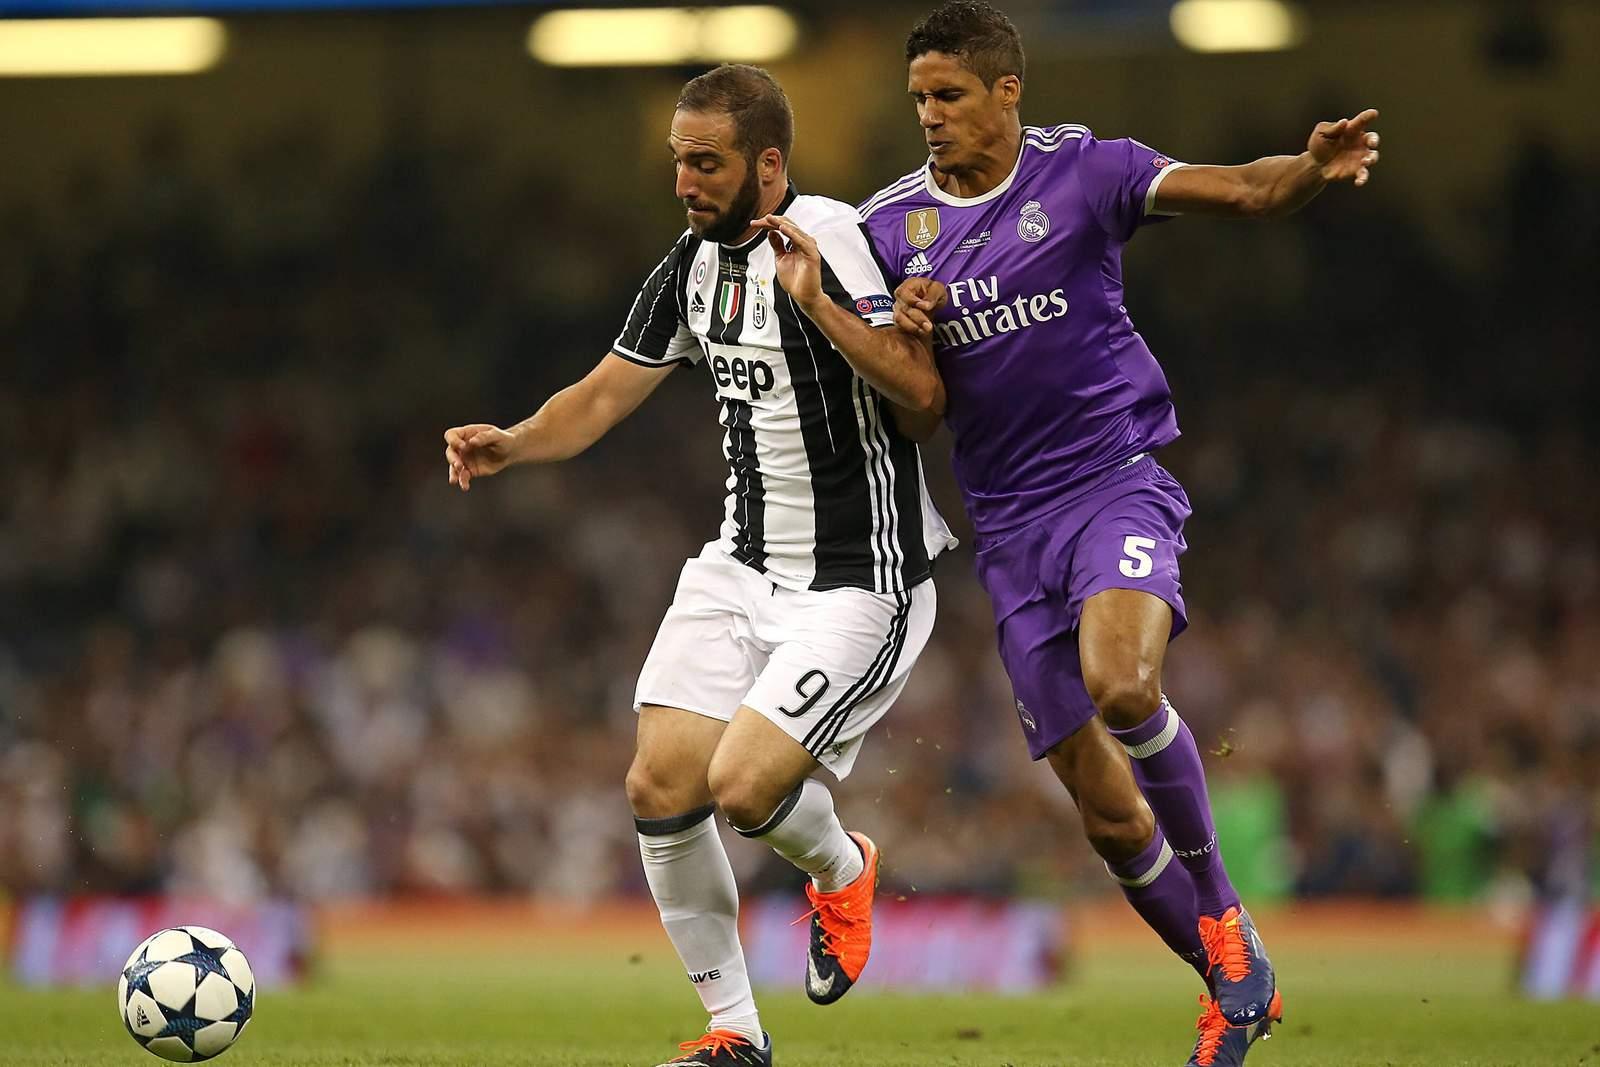 Setzt sich Higuain gegen Varane durch? Jetzt auf Juventus gegen Real wetten